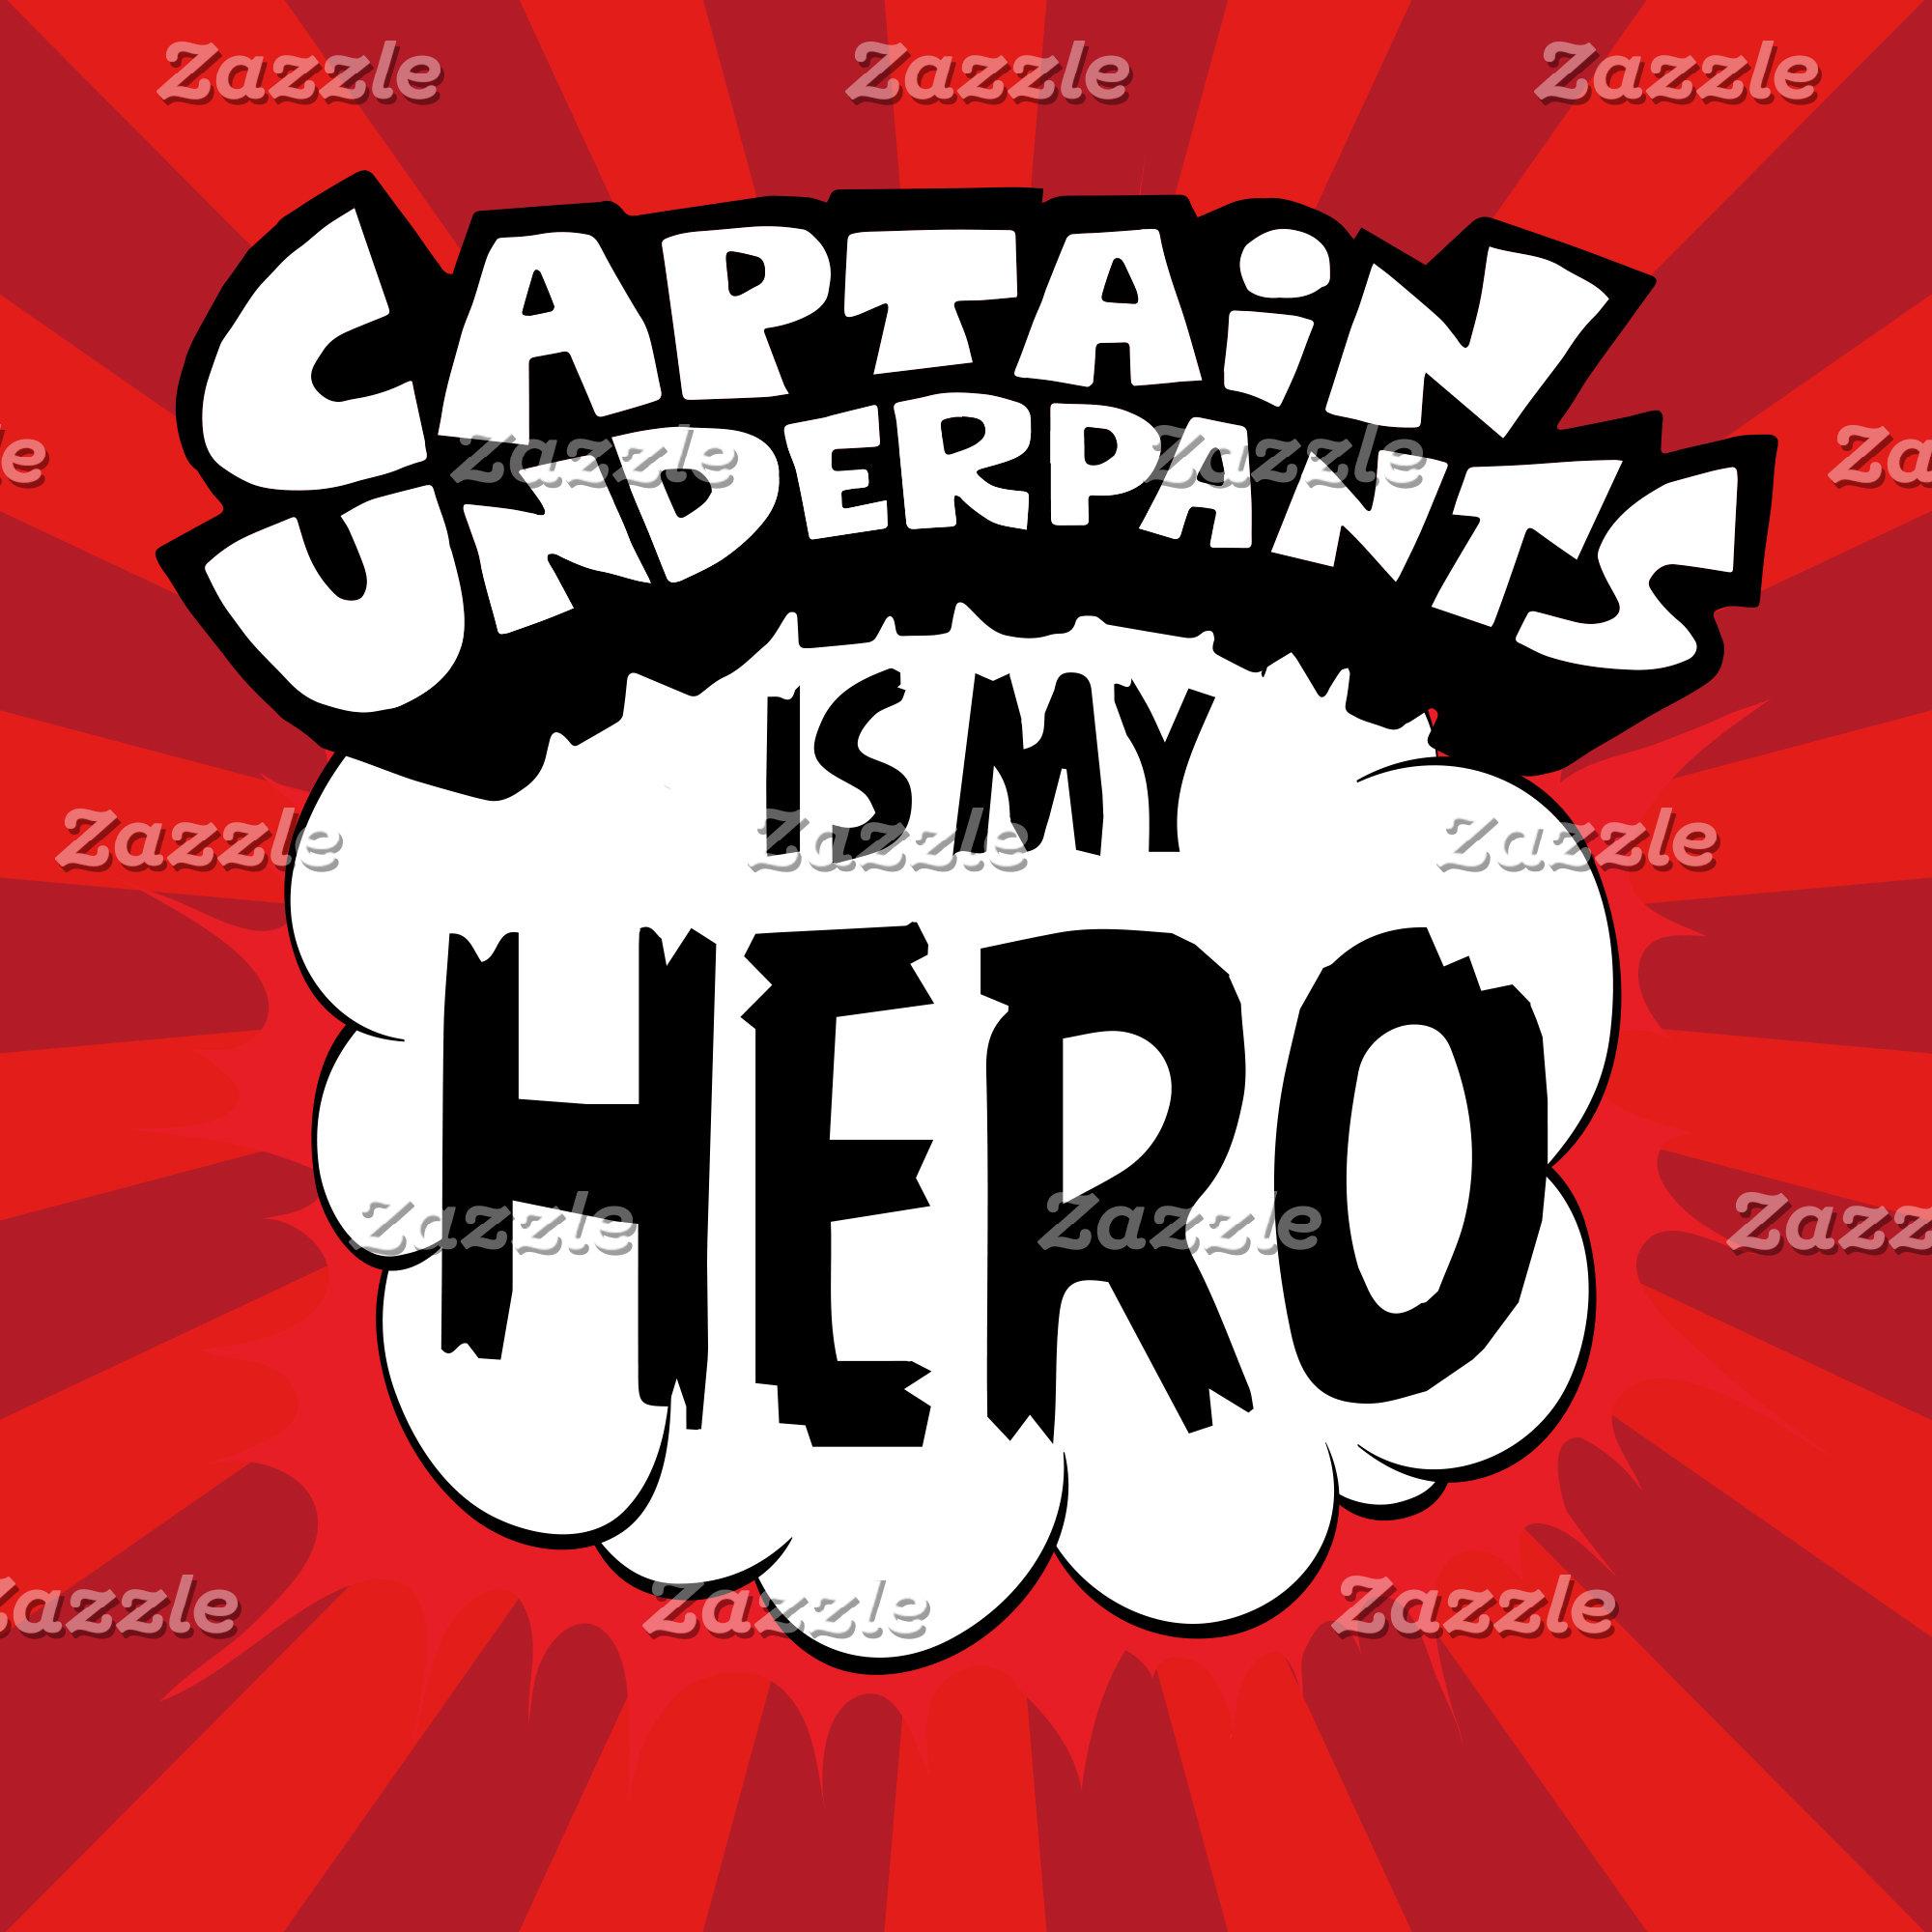 Captain Underpants Is My Hero